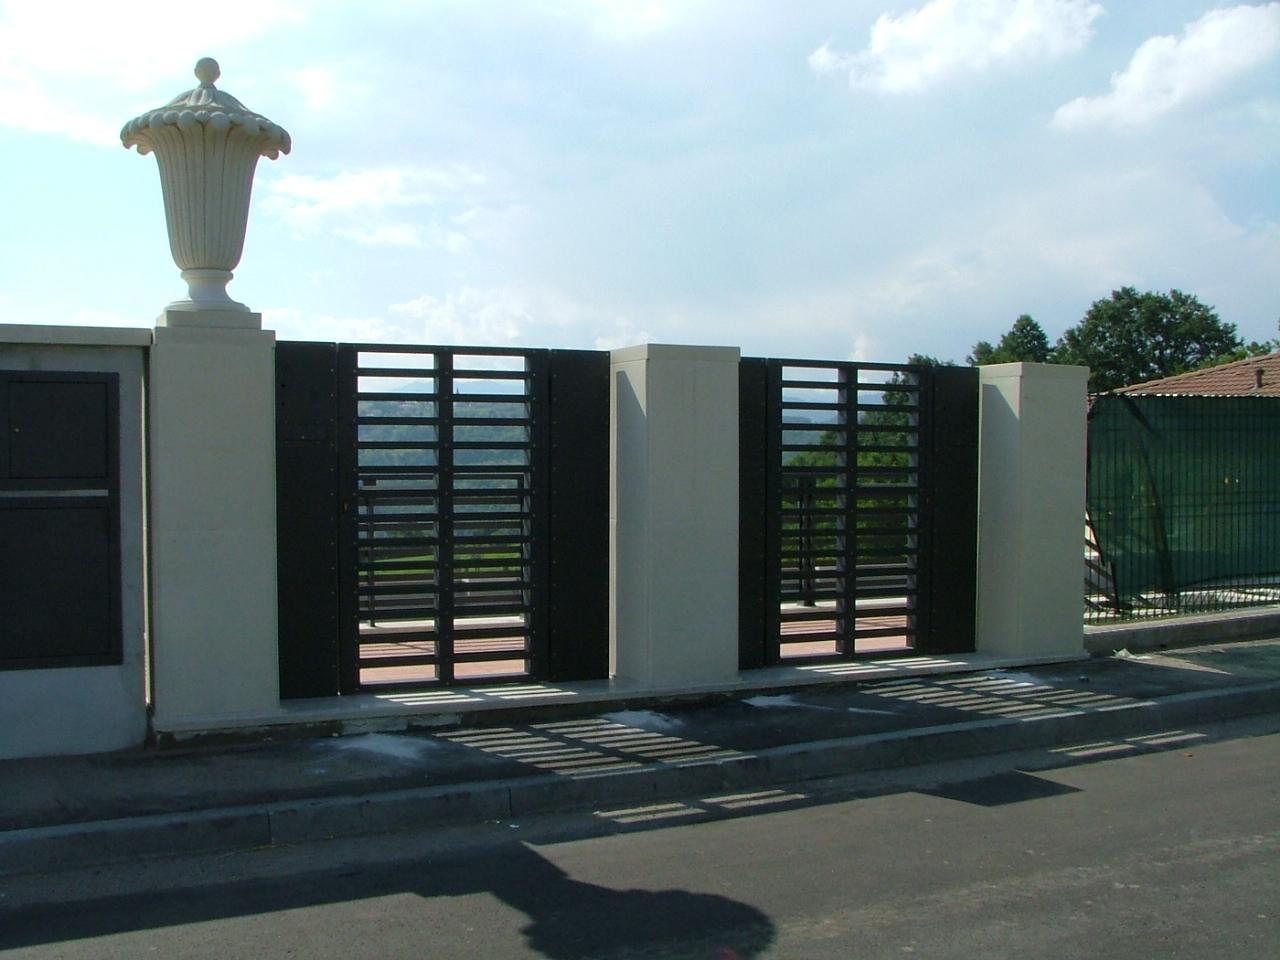 Cancelli moderni cancelli da esterno cancelli moderni for Recinzioni per ville moderne